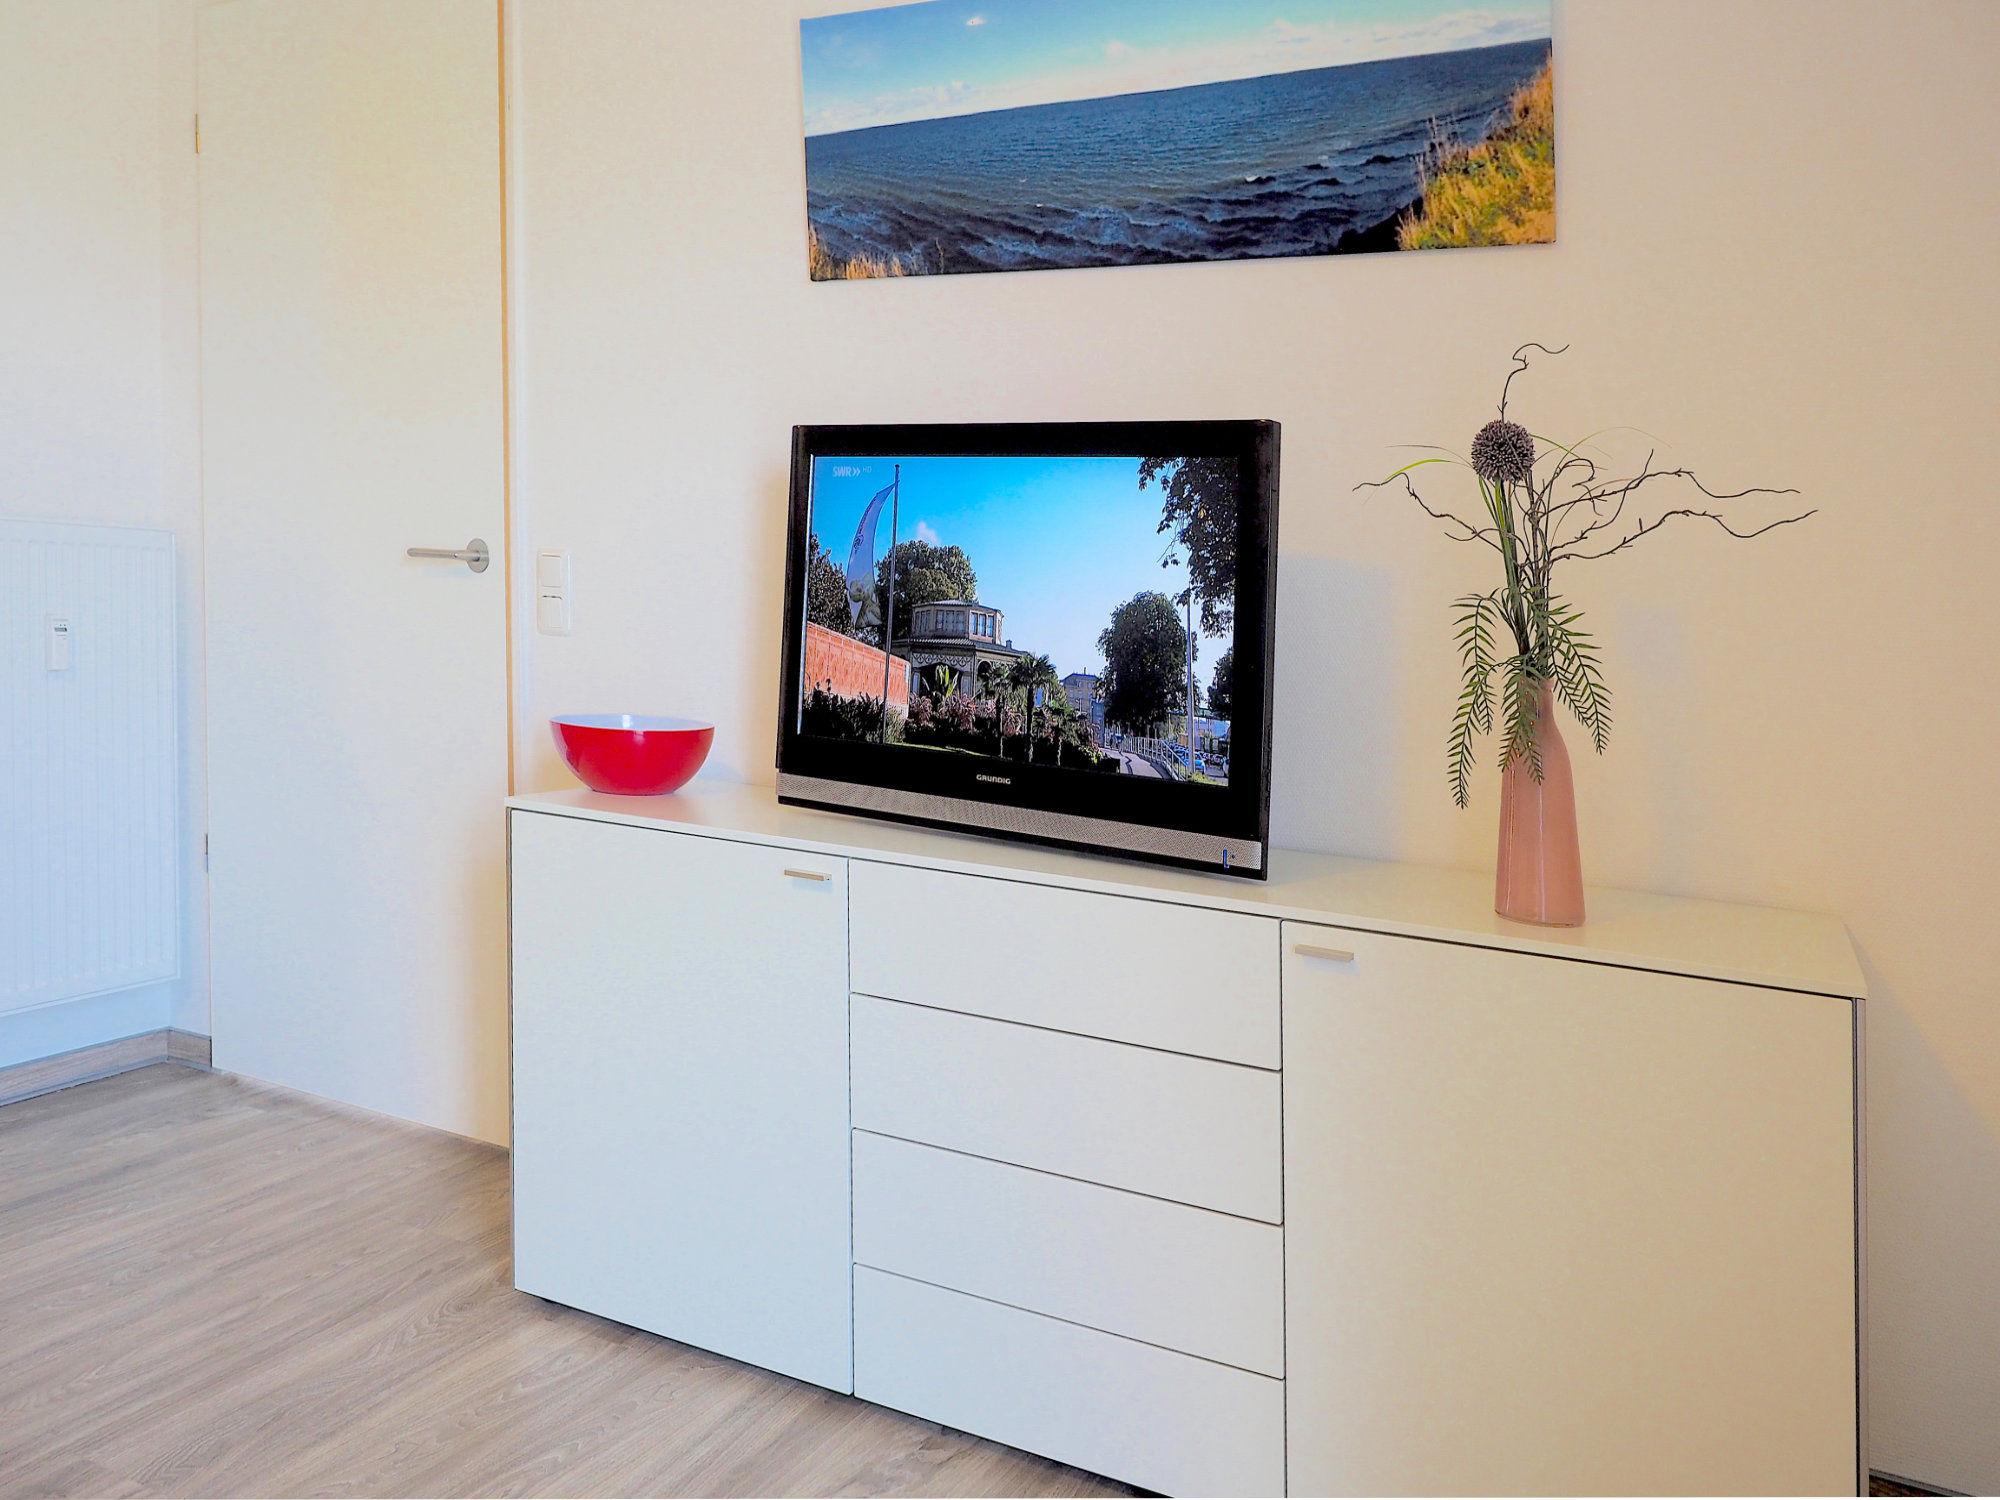 Wohnzimmer, Sideboard  mit Flatscreen TV